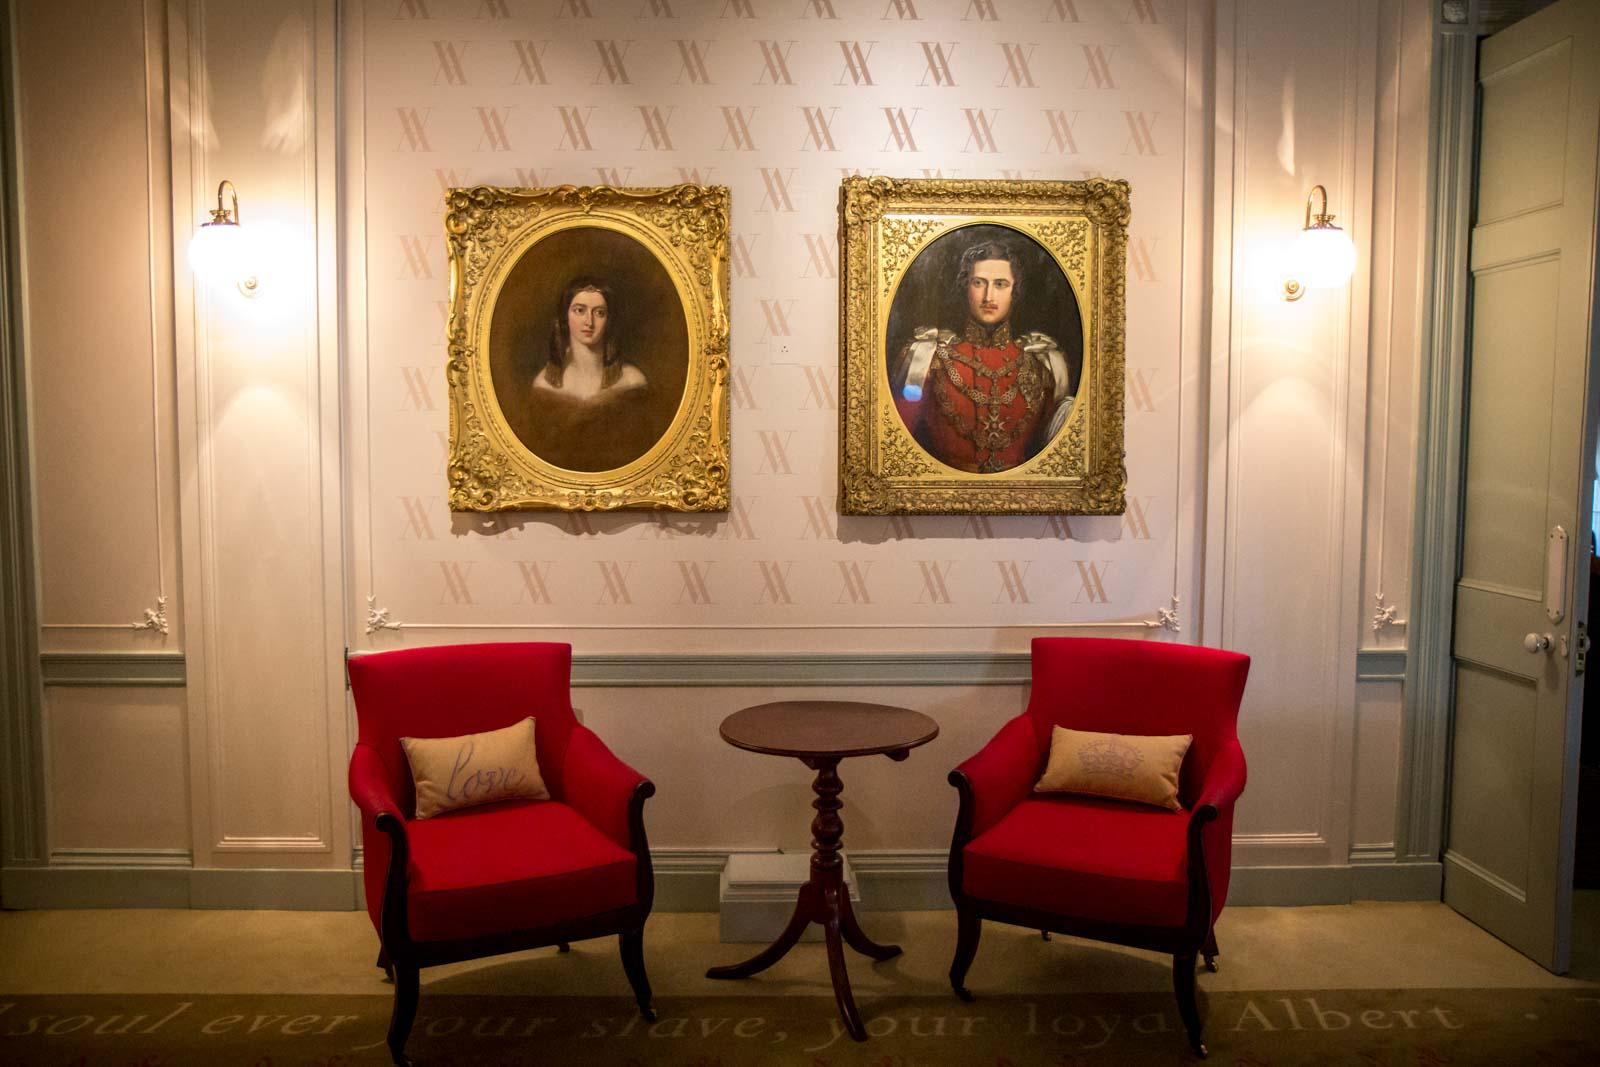 Kensington Palace tour, London, England